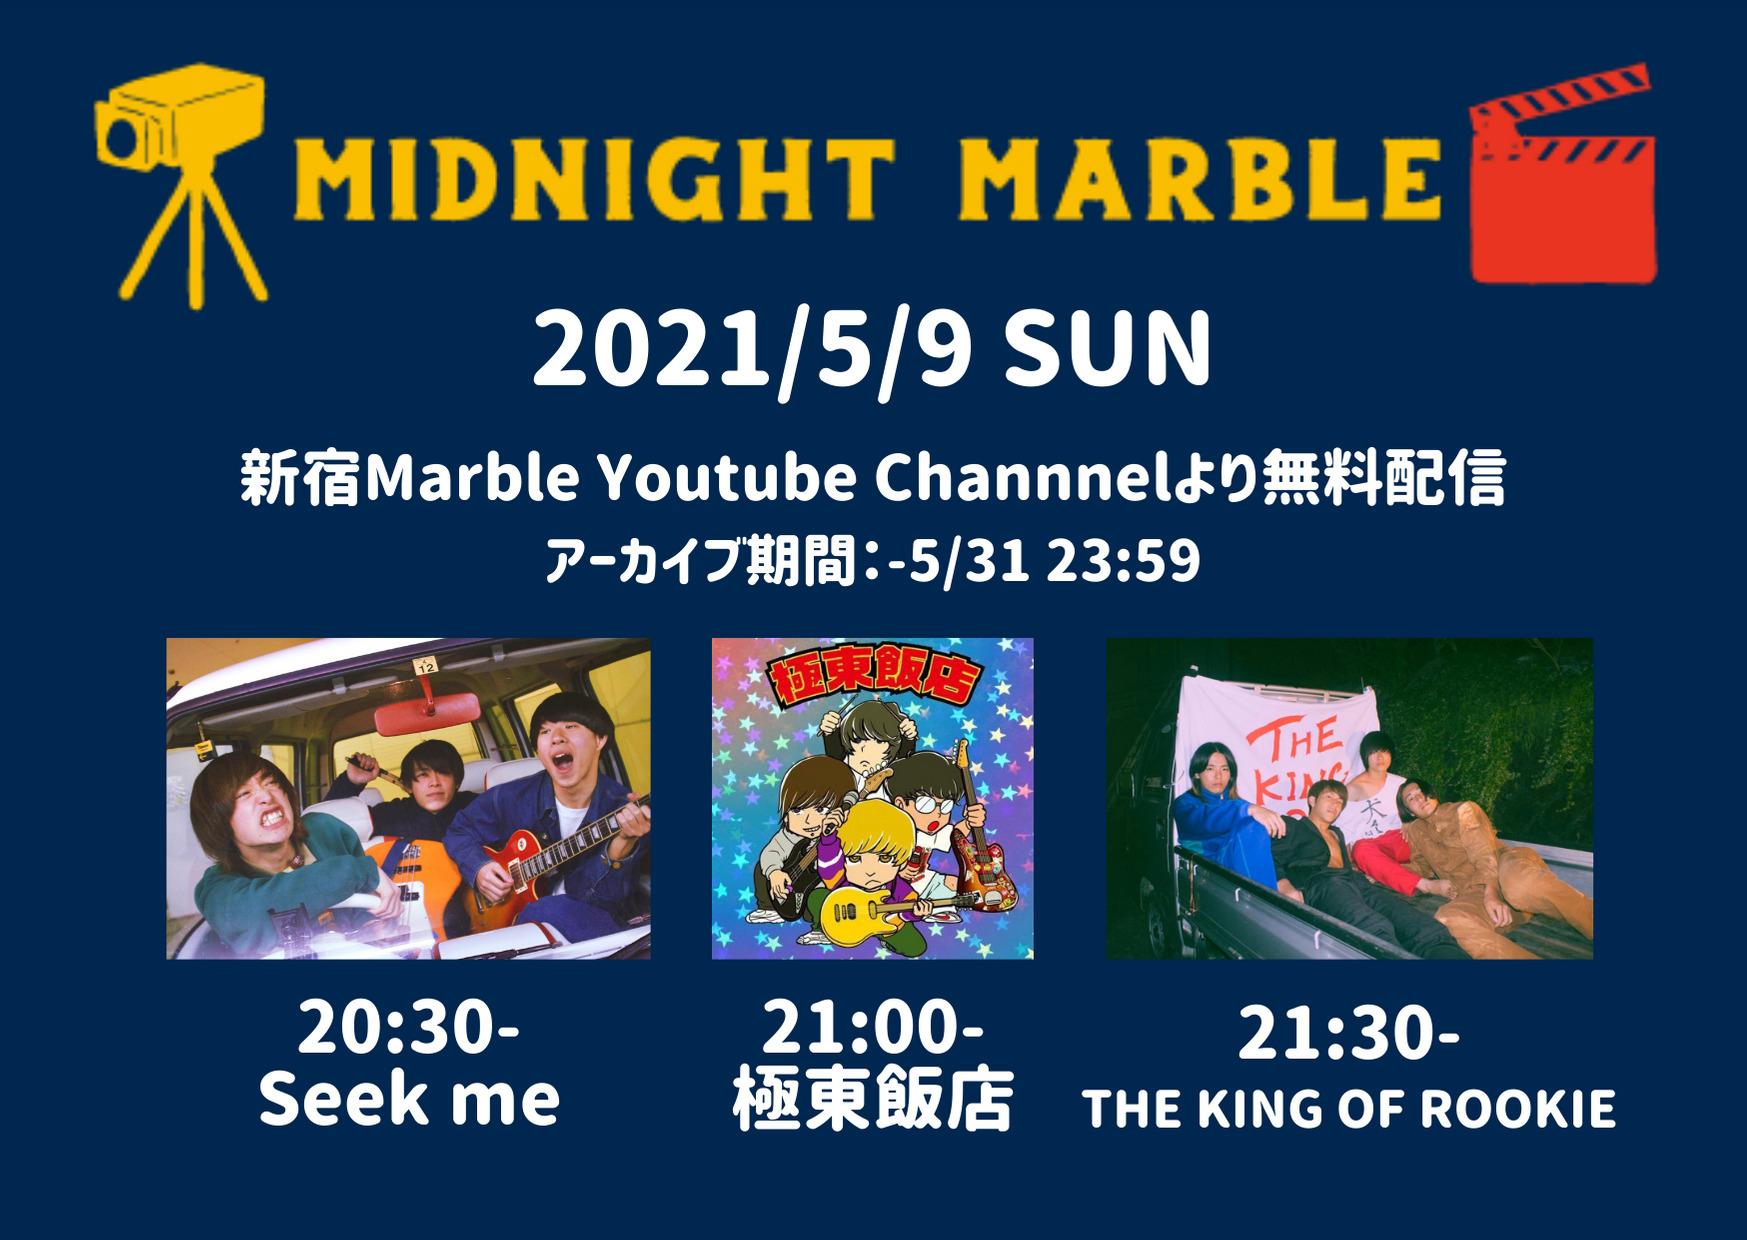 【視聴無料】MIDNIGHT MARBLE-Seek me / 極東飯店 / THE KING OF ROOKIE-